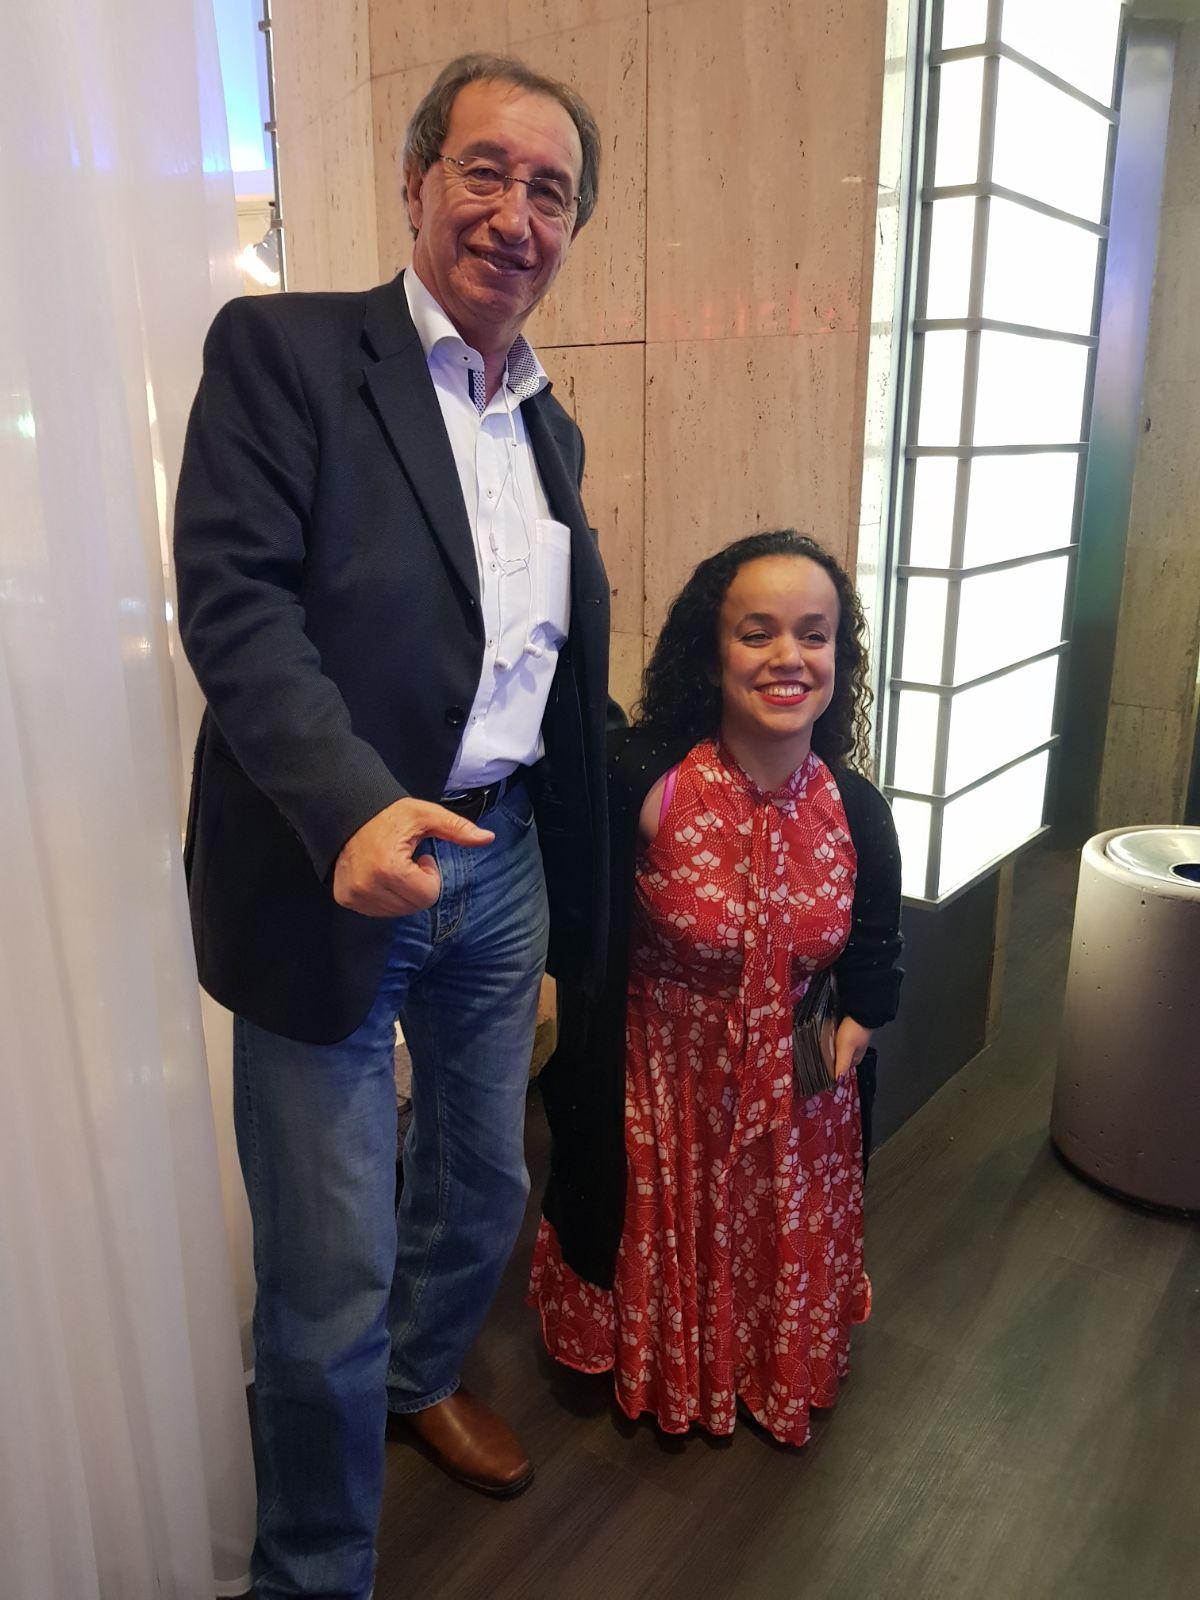 בת אל פאפורה וישראל סביון בהרצאה המרתקת. תמונה: יחסי ציבור